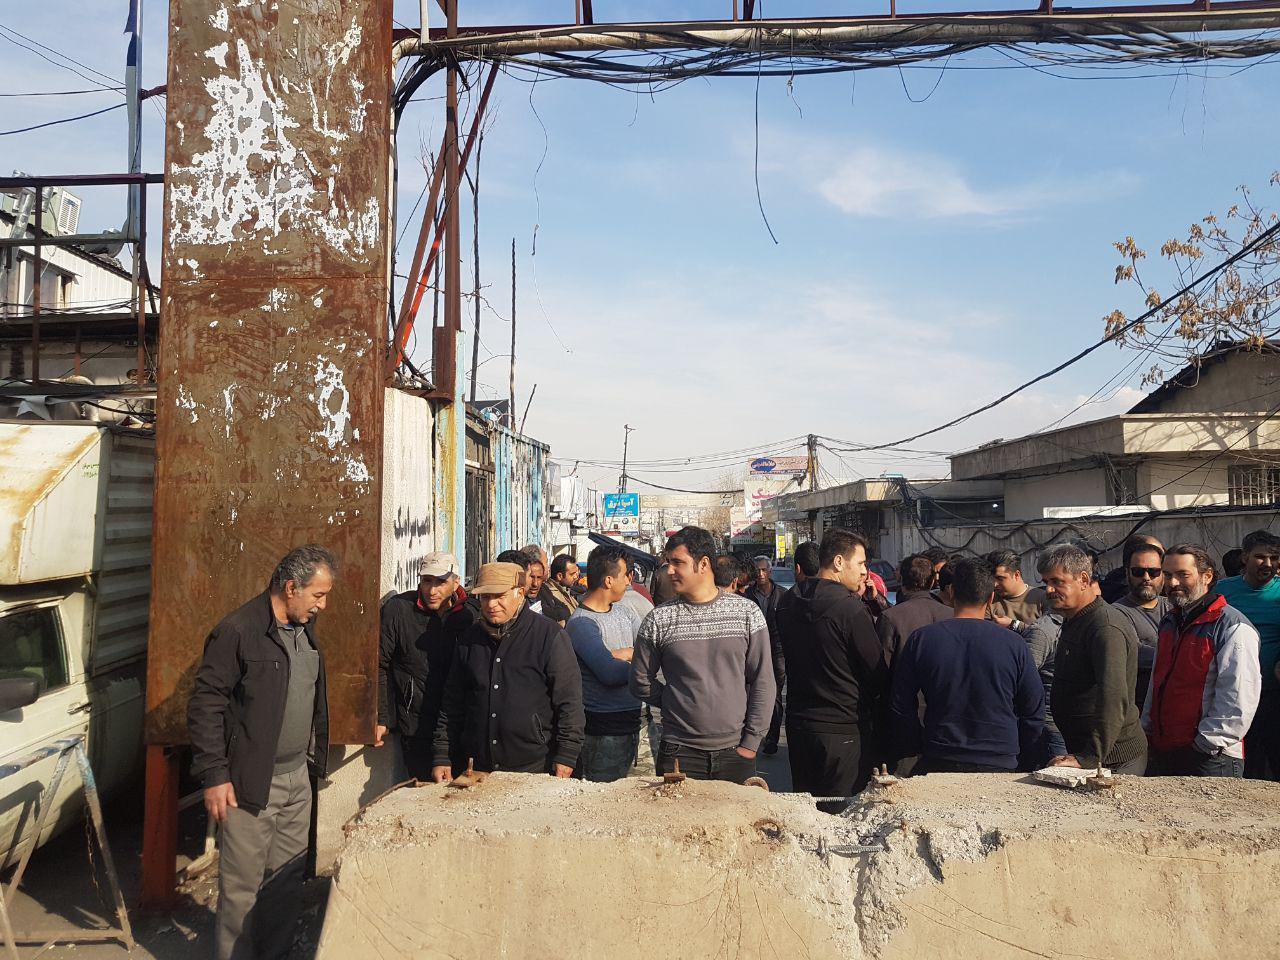 با تعطیلی بازار سنگ تهران شرق (کوهک) بیش از دو هزار شغلِ مستقیم، نابود میشود!